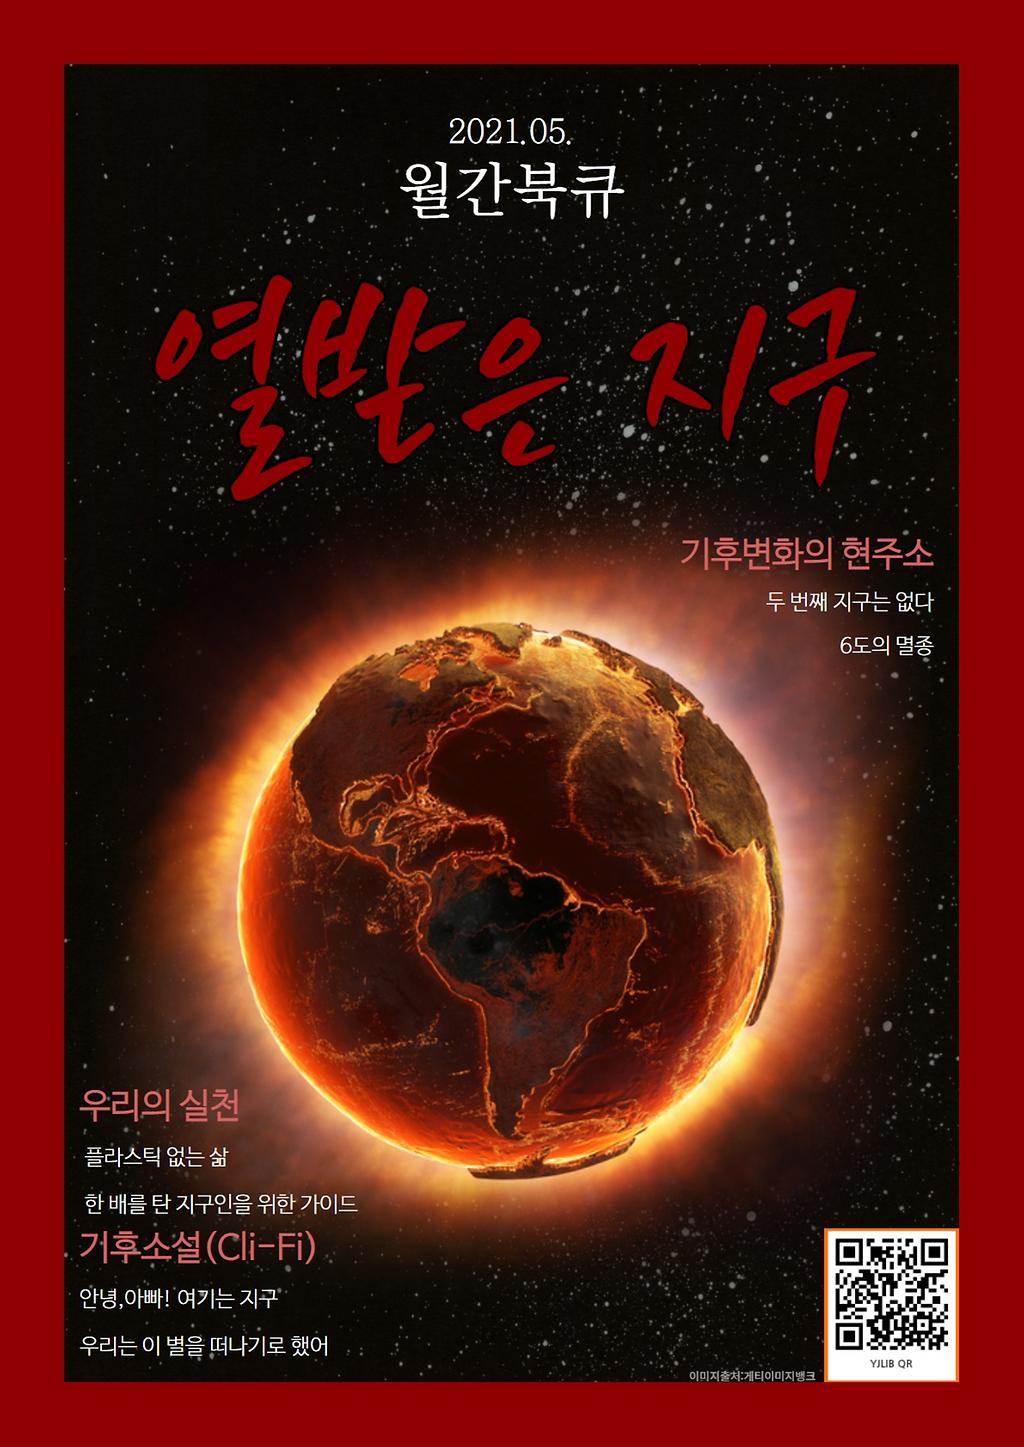 여주시립도서관 5월 북큐레이션 열받은 지구 전시